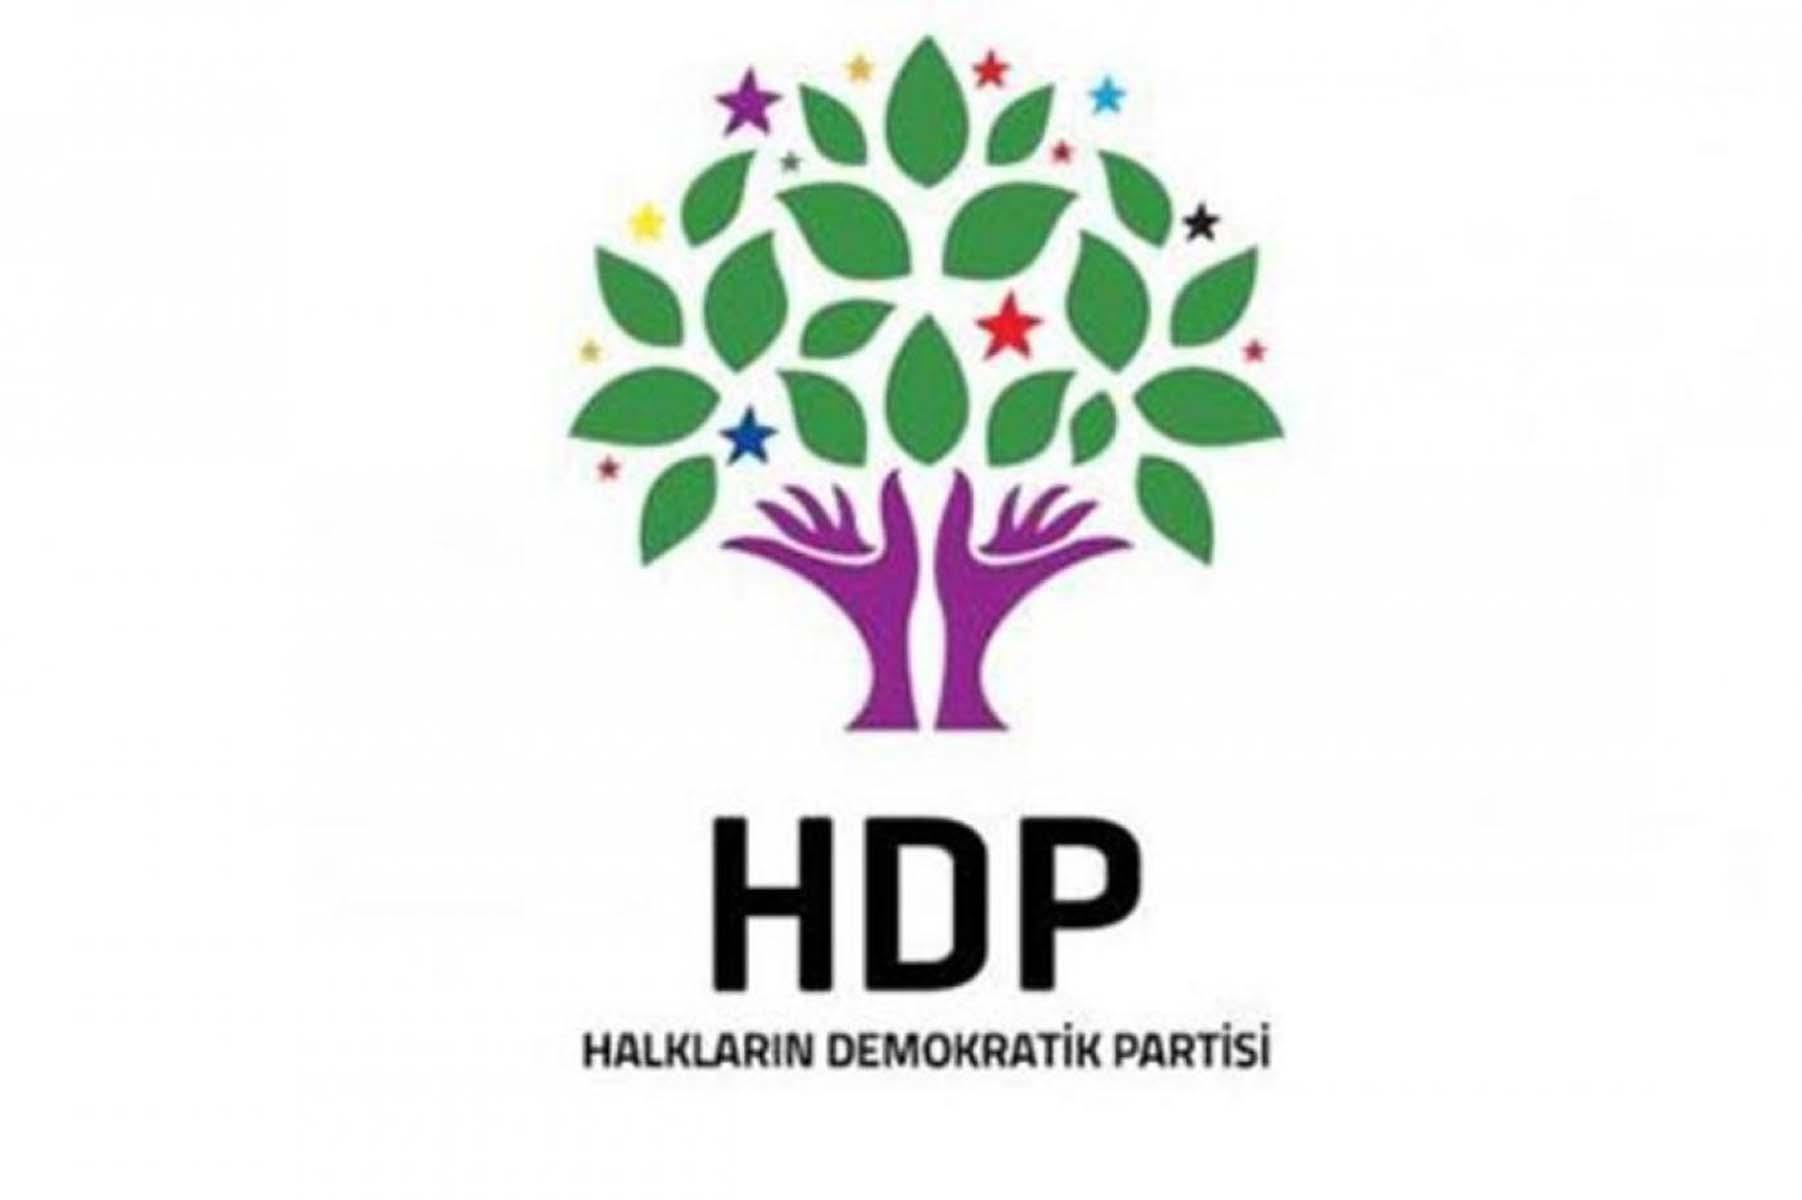 HDP'de Sezai Temelli çatlağı! Kılıçdaroğlu'nun açıklamalarına verdiği yanıt rahatsızlık yarattı: Ciddi anlamda sorumsuzluktur, böyle bir görüş partiden çıksa kriz olurdu.